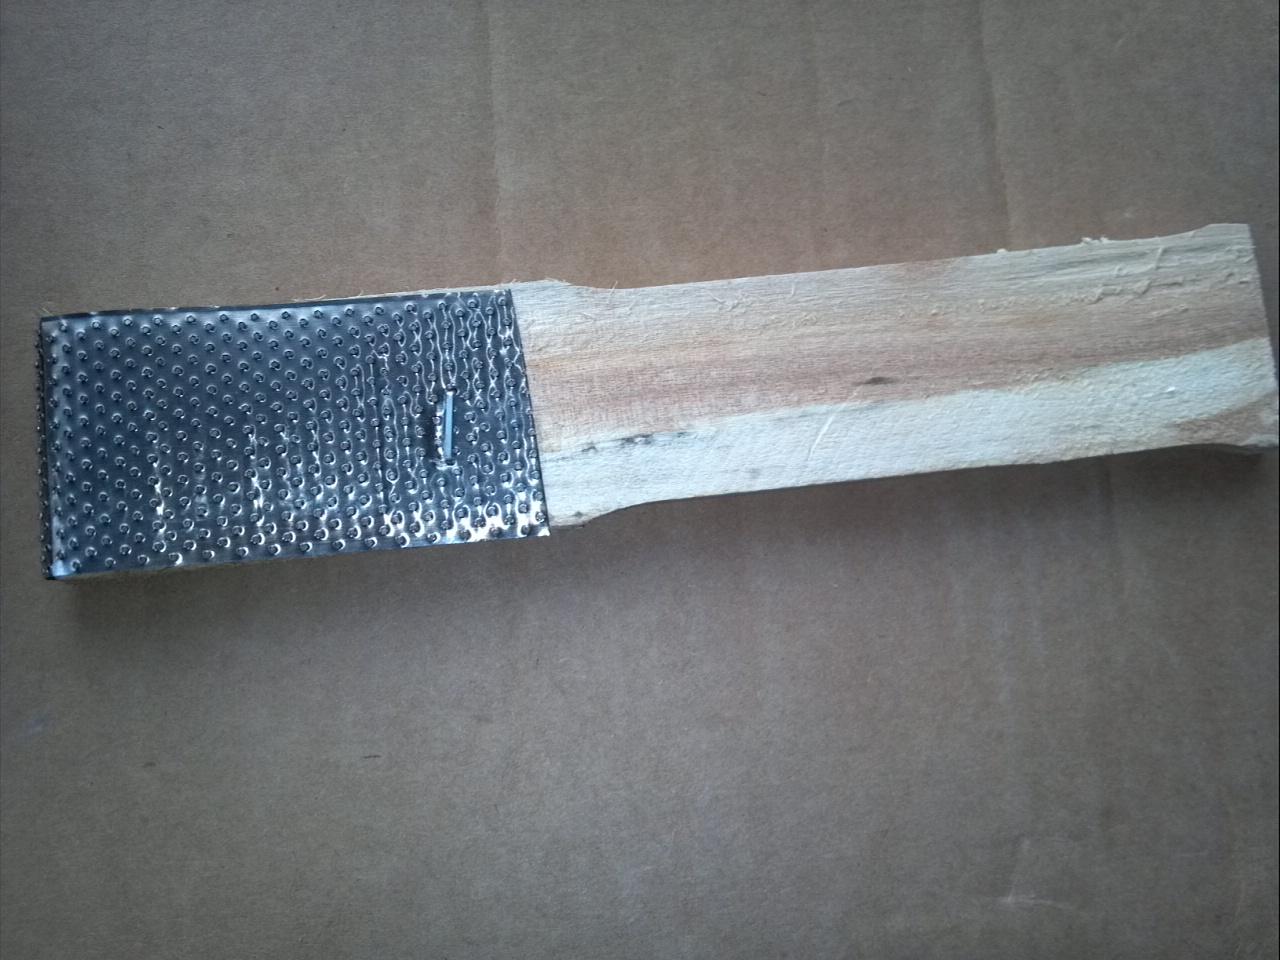 Поражение шина лист деревянная ручка файлы заполнить трубка поражение нож кожа поражение нож квартира поражение велосипед ремонт инструмент